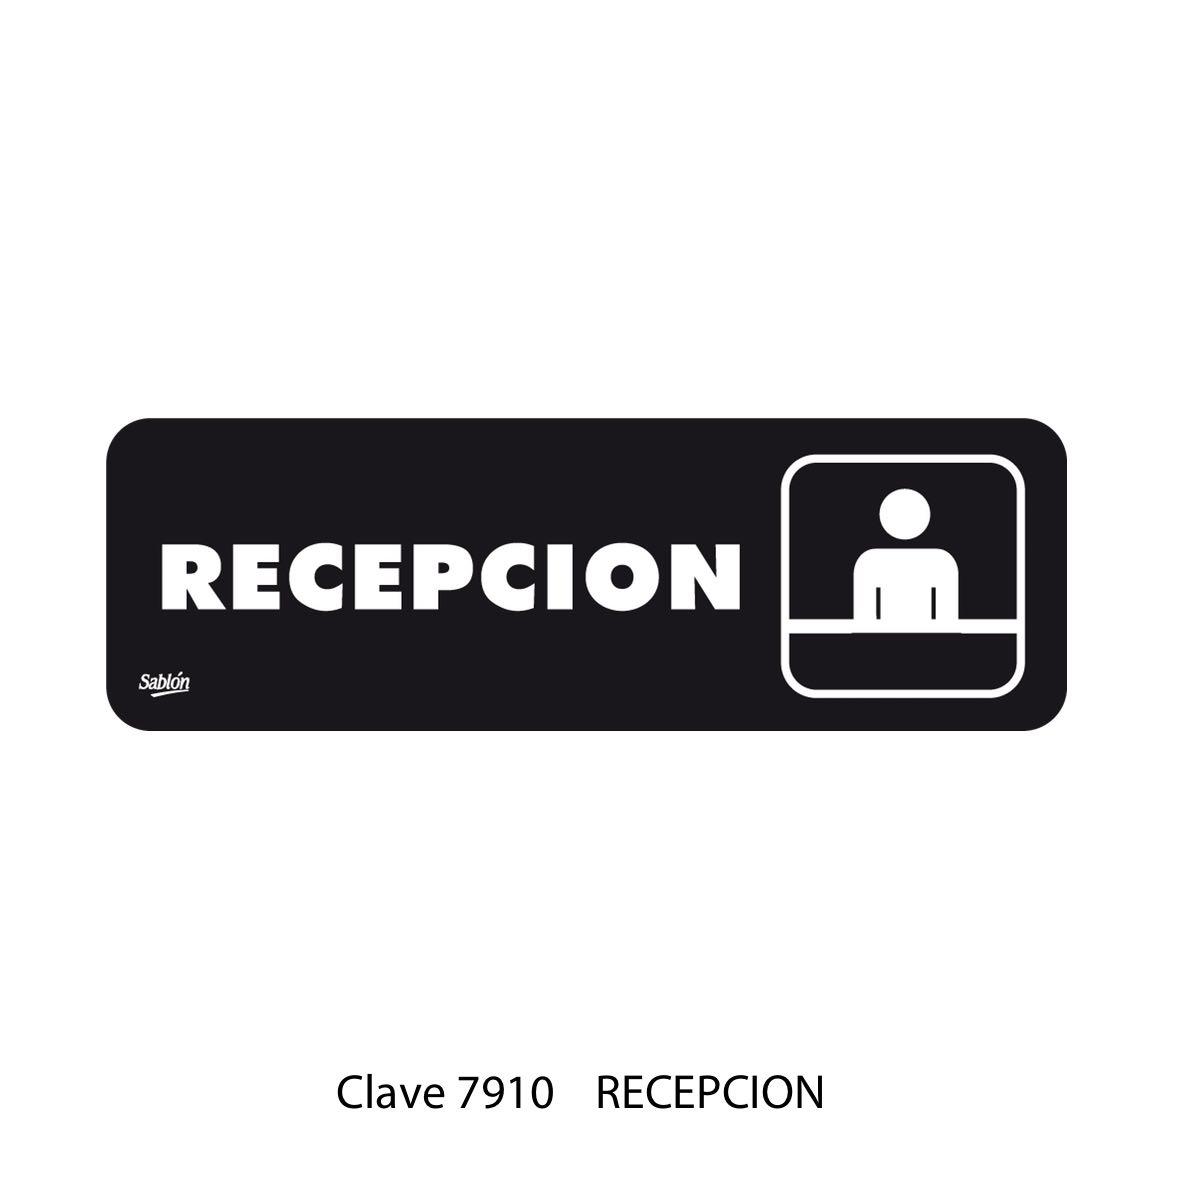 Señal Recepción Modelo 7910 - Sablón